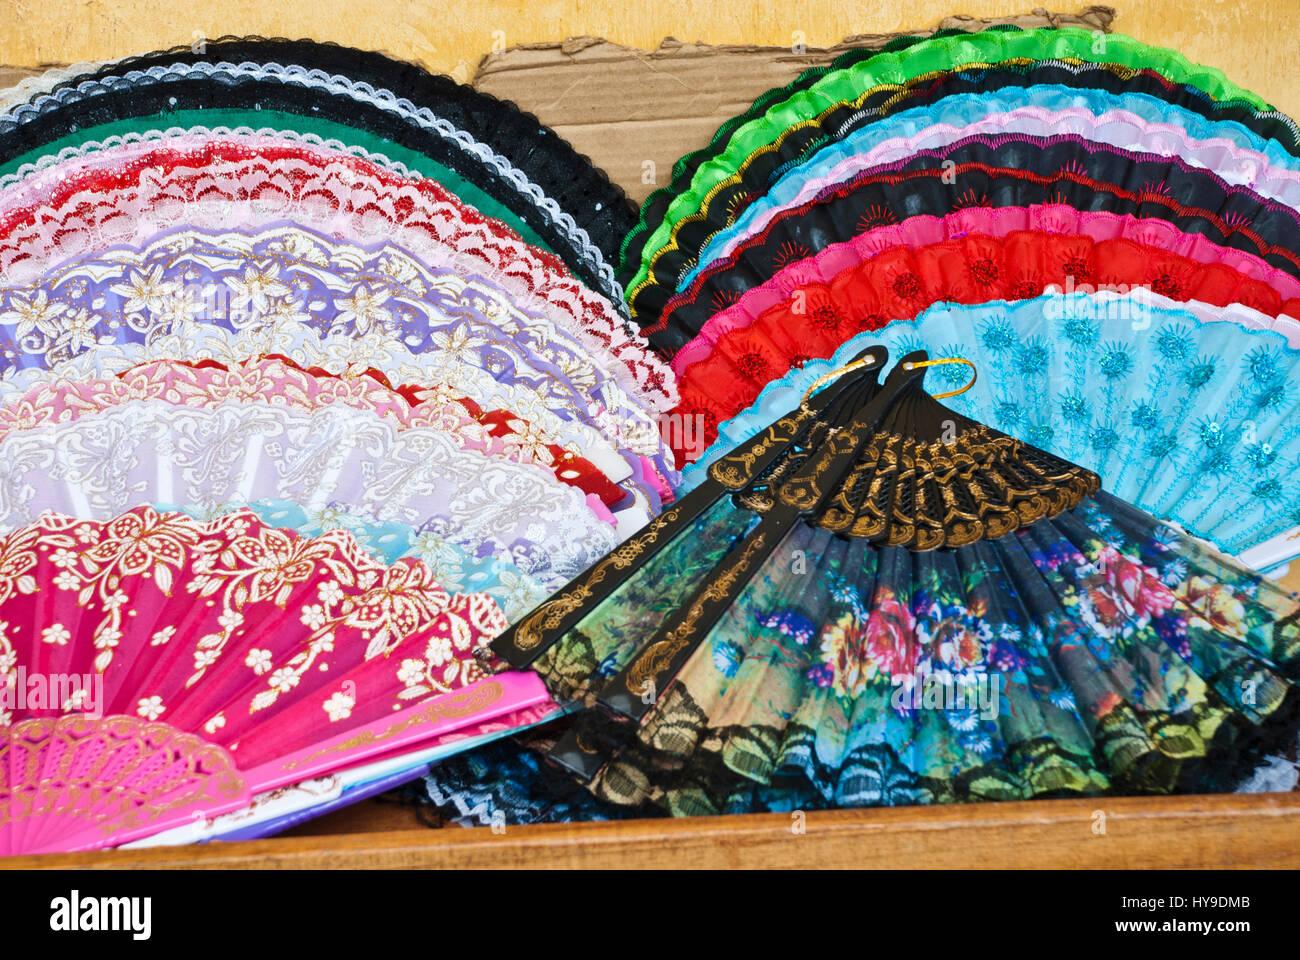 Street market - Personal accessory -  Folding Fan - Stock Image